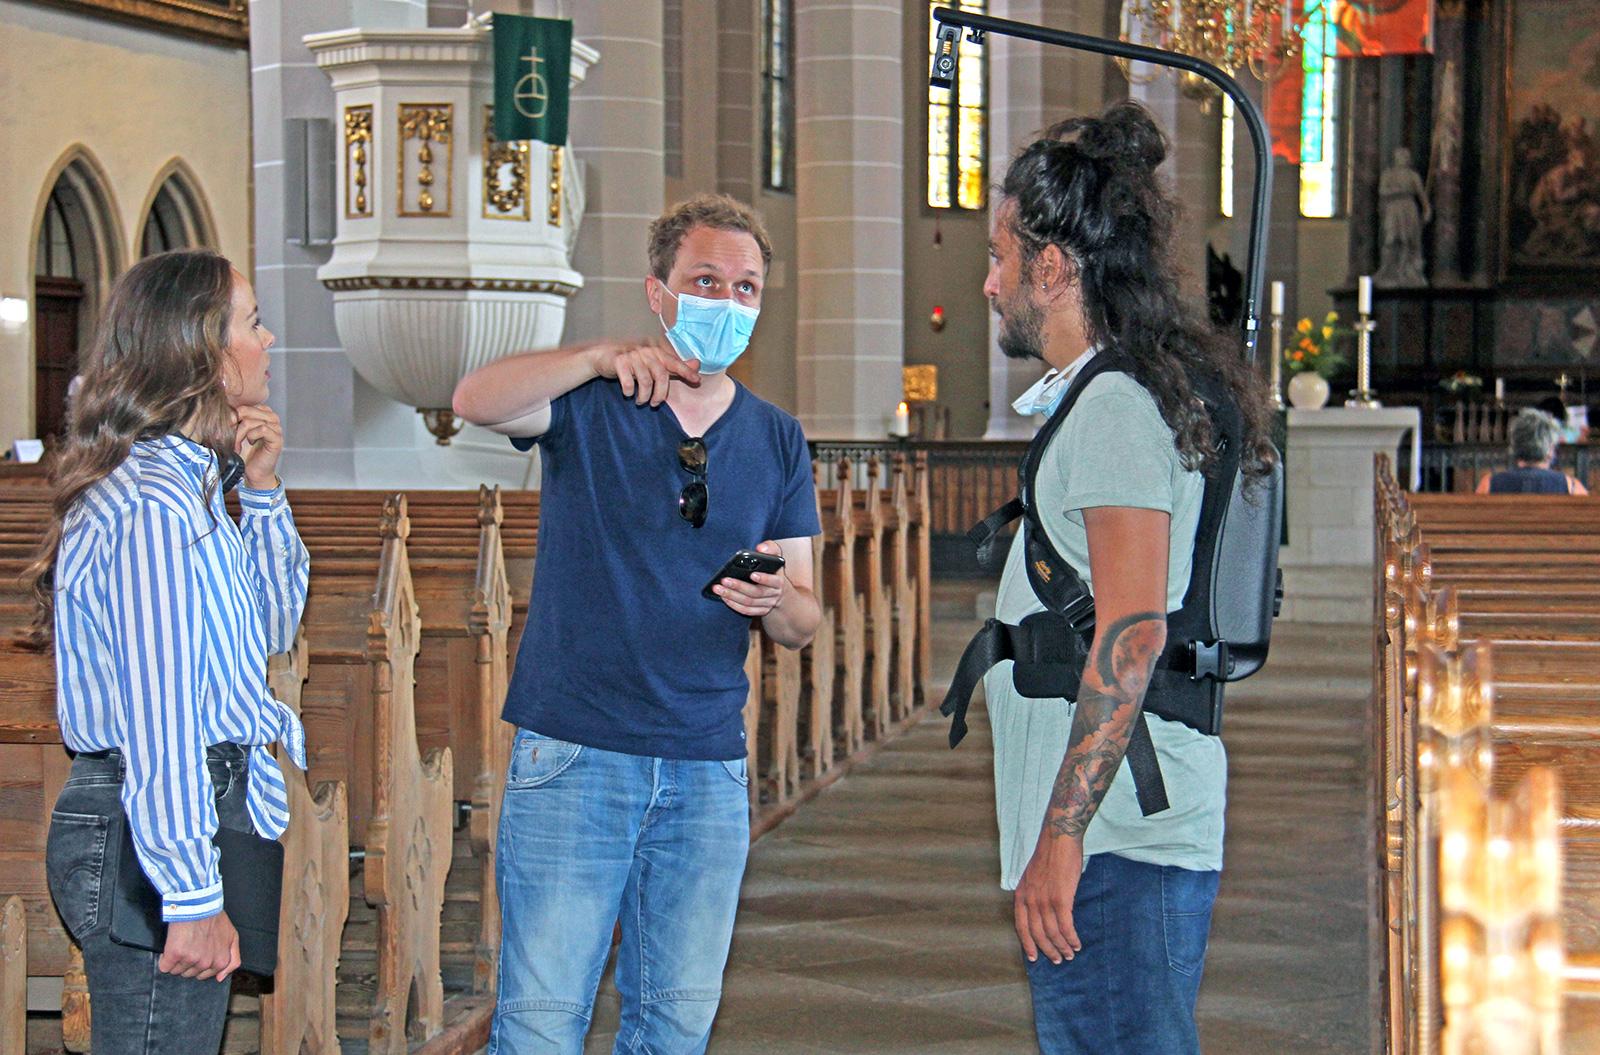 Junge Frau in blau-weiß gestreifter Bluse, ein junger Mann in blauem Hemd und blauer Jeans sowie ein zweiter junger Mann mit Kamera stehen im Dom St. Petri. Sie besprechen den Filmdreh. und bespre